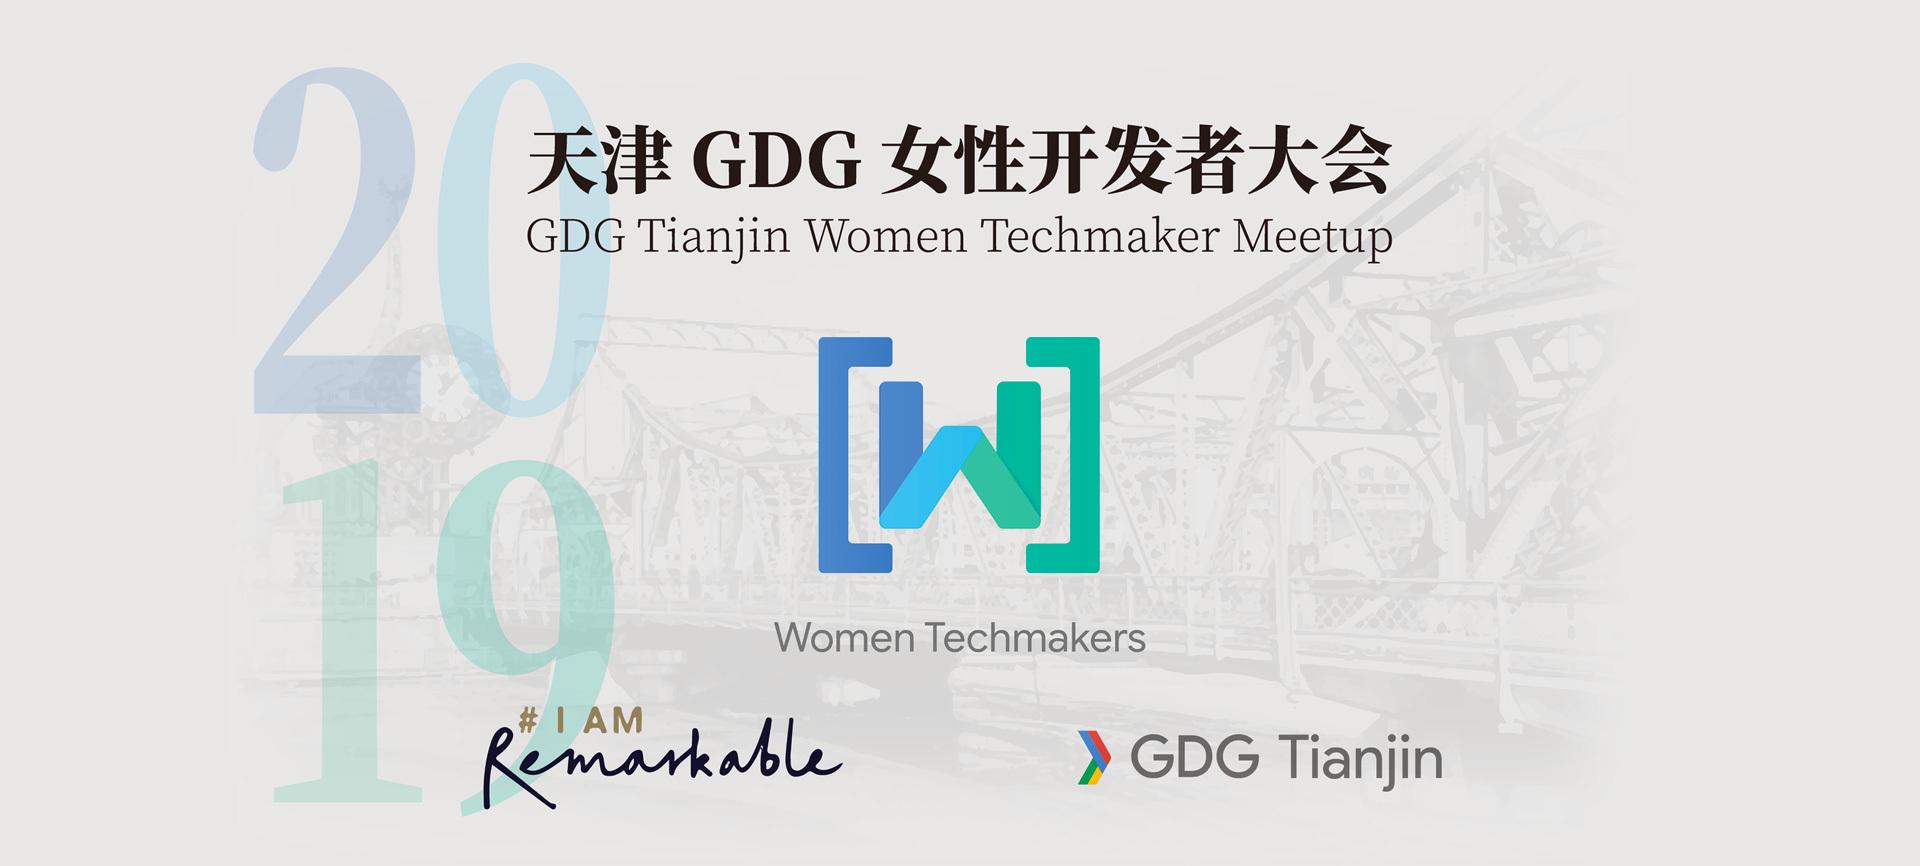 2019 天津 Women Techmaker 谷歌女性开发者大会